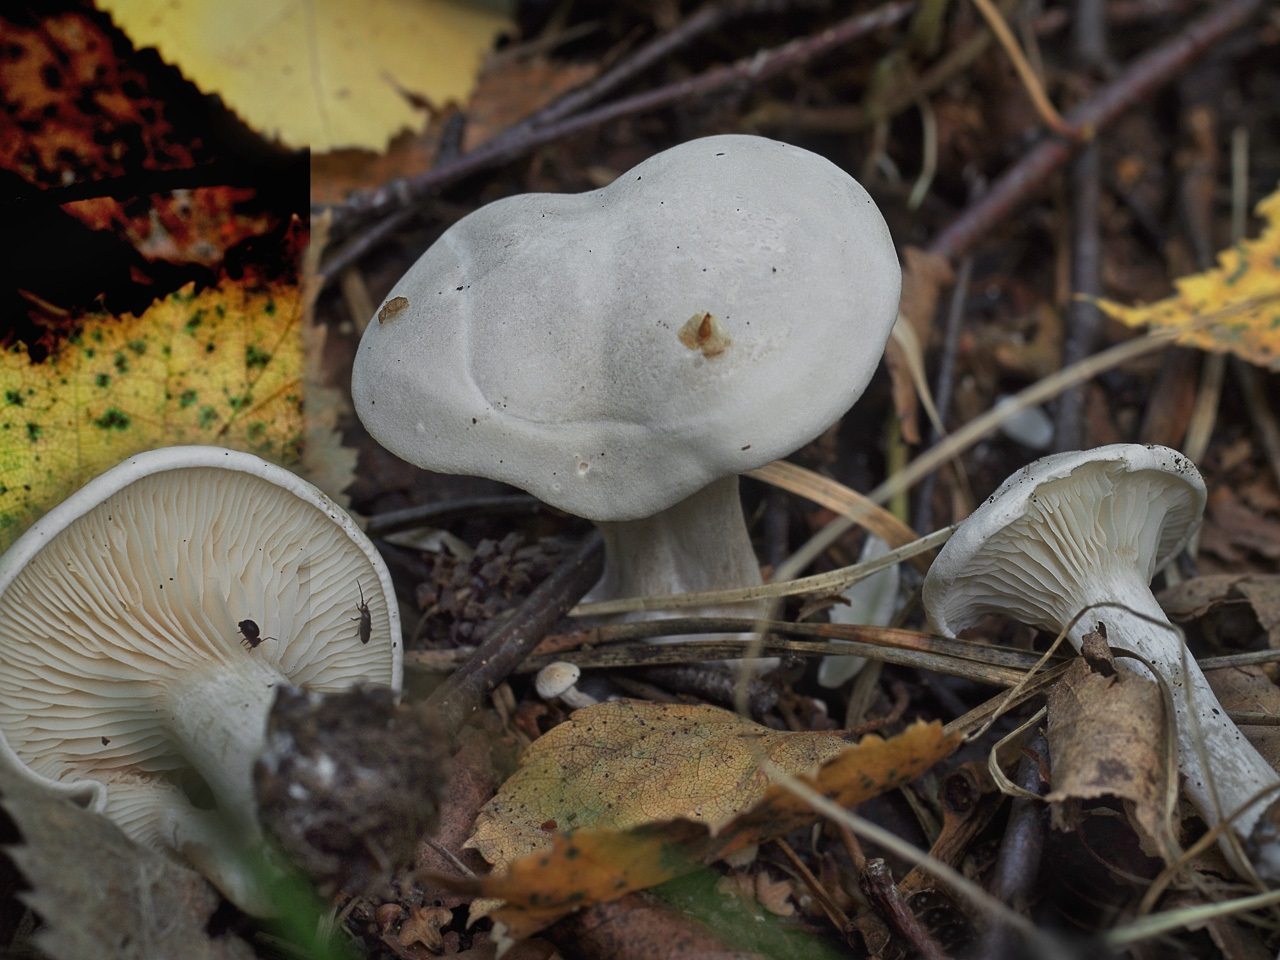 Ивишень (Clitopilus prunulus). Автор фото: Юрий Семенов